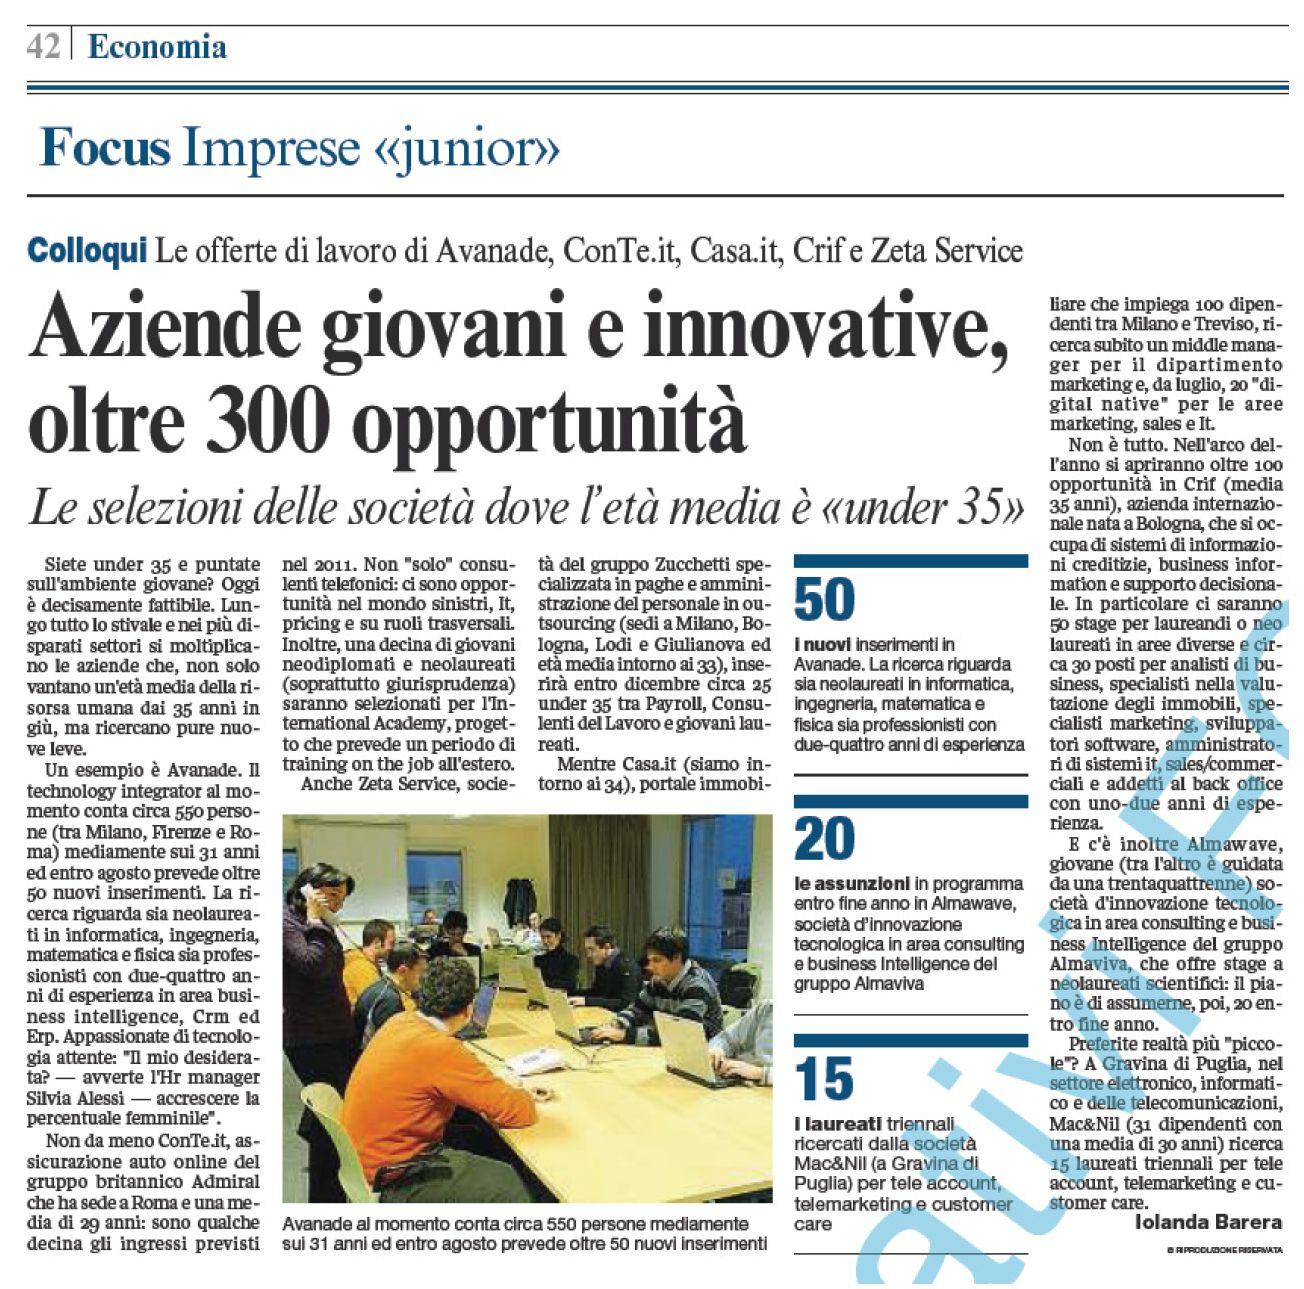 Corriere Della Sera 04 02 2011 Aziende Giovani E Innovative